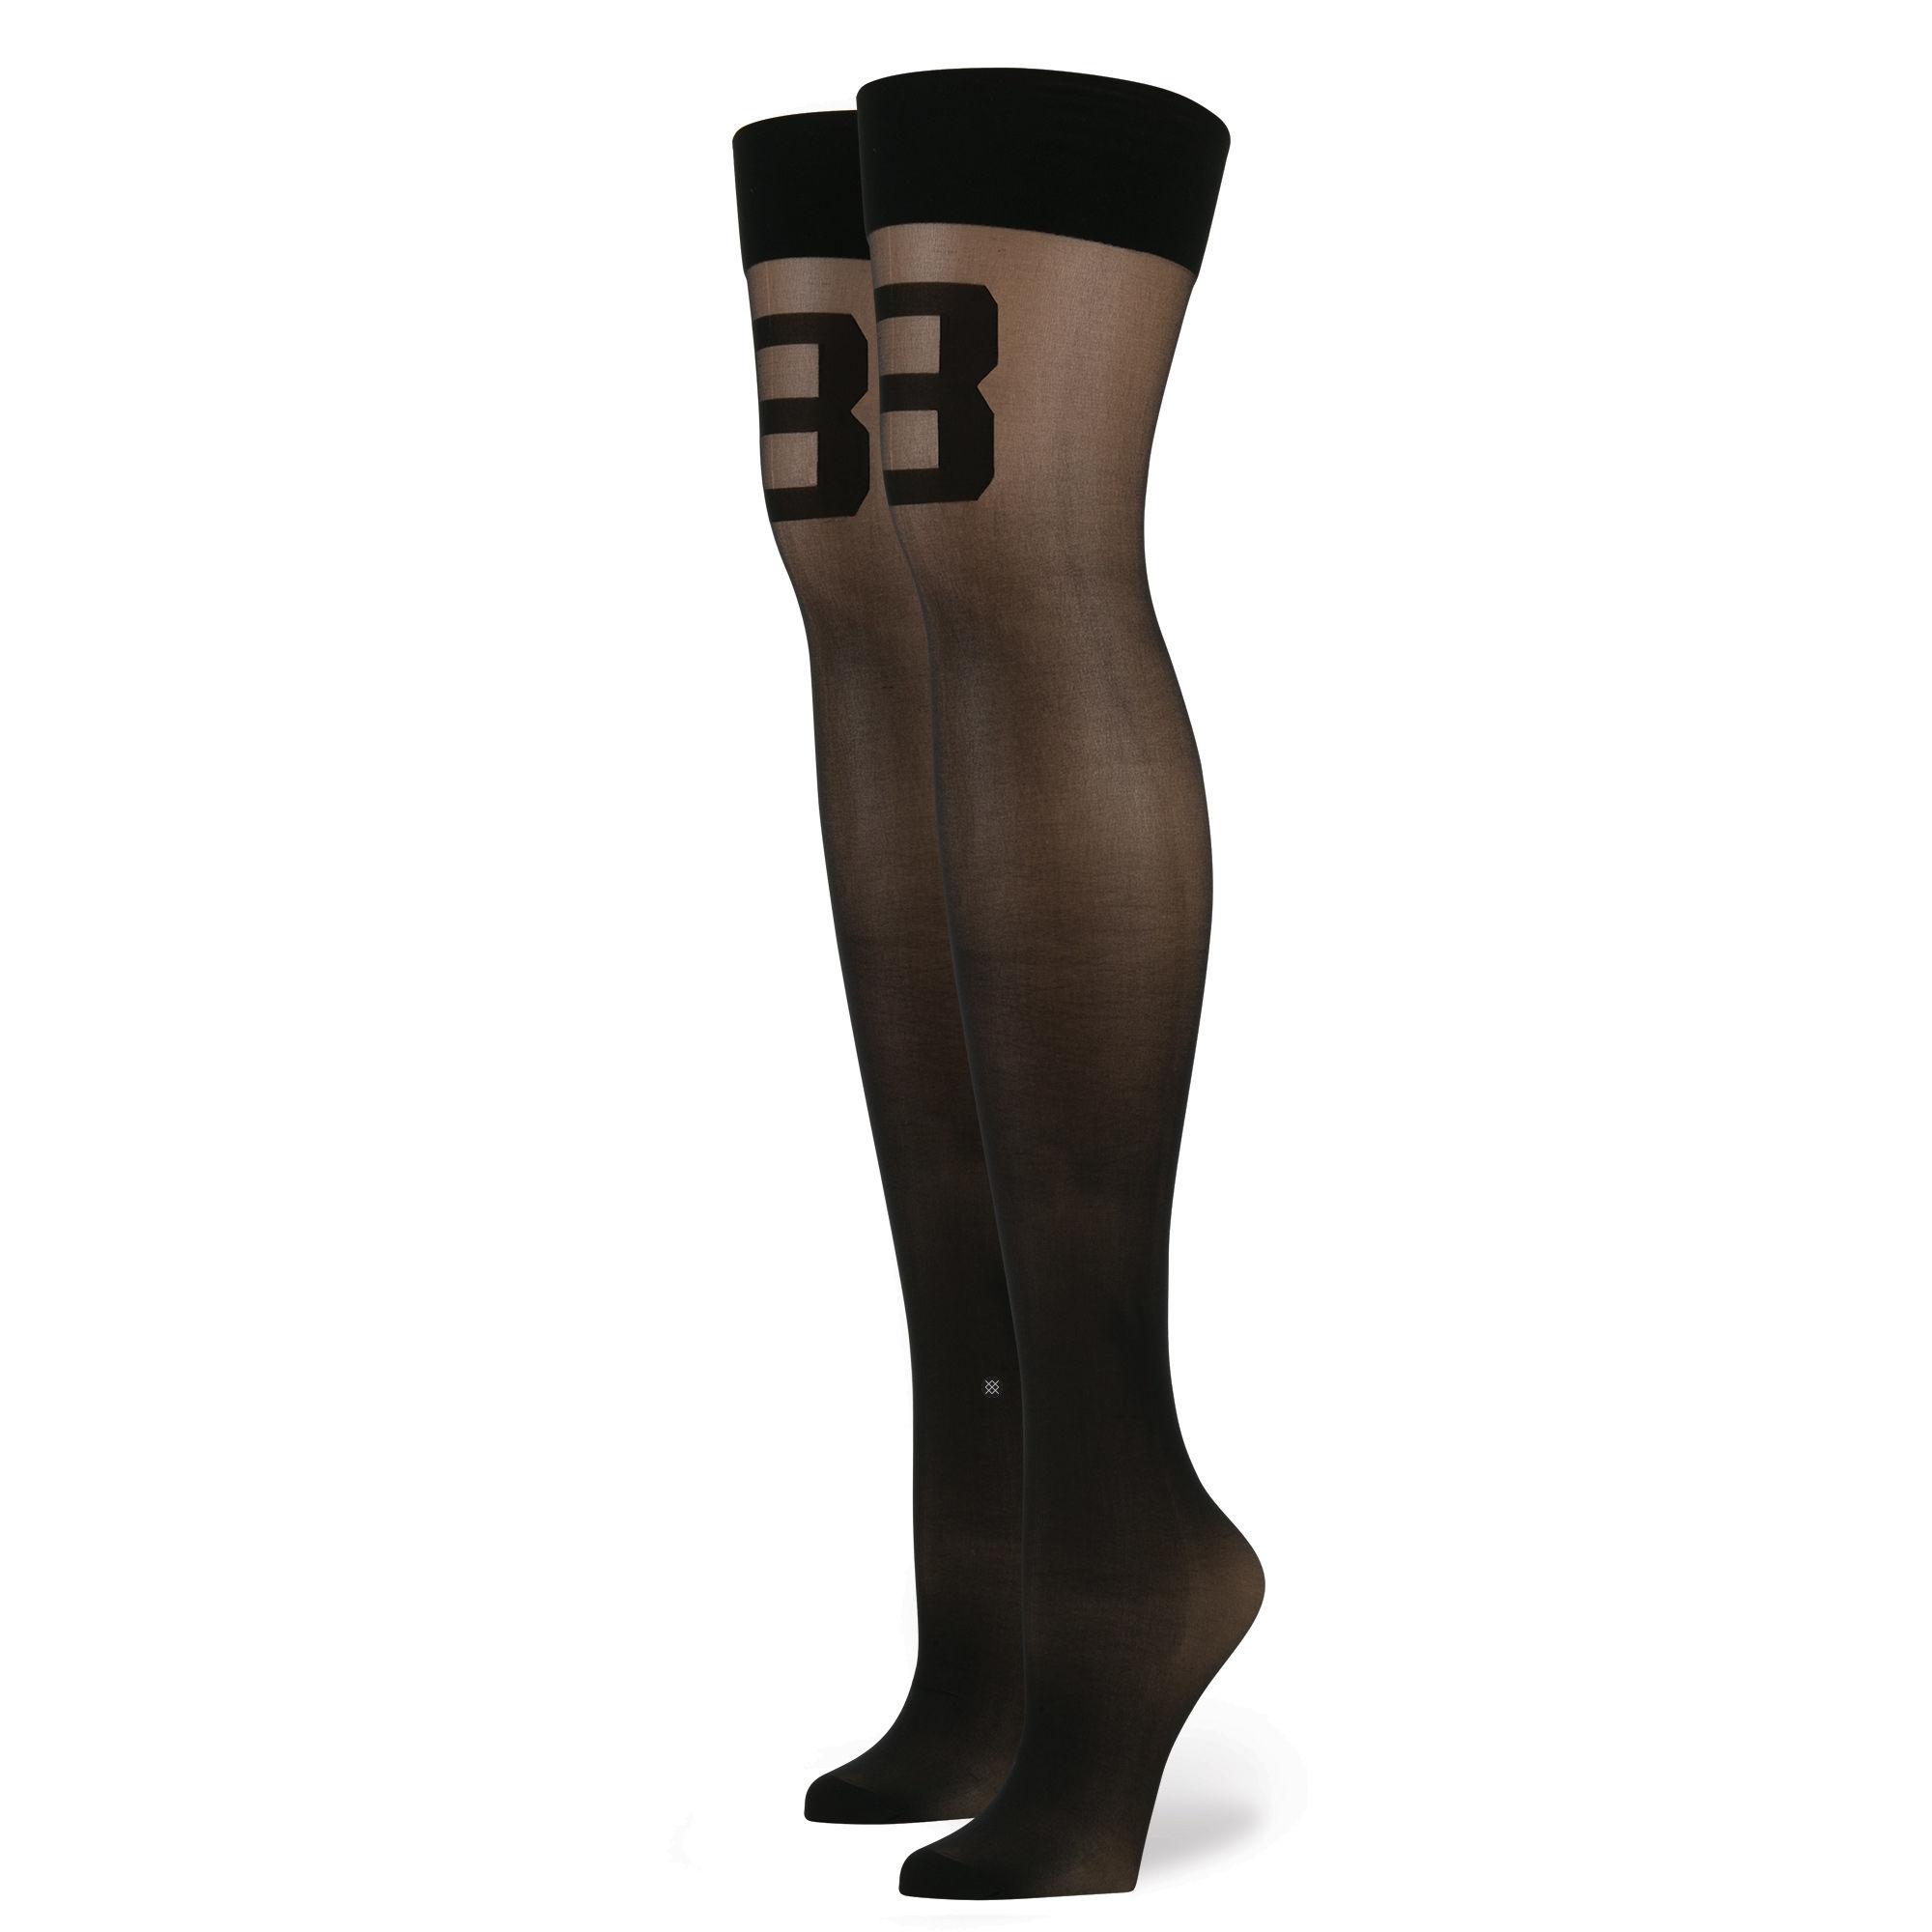 $24 Stance x Rihanna Women Pedi Cure Socks black